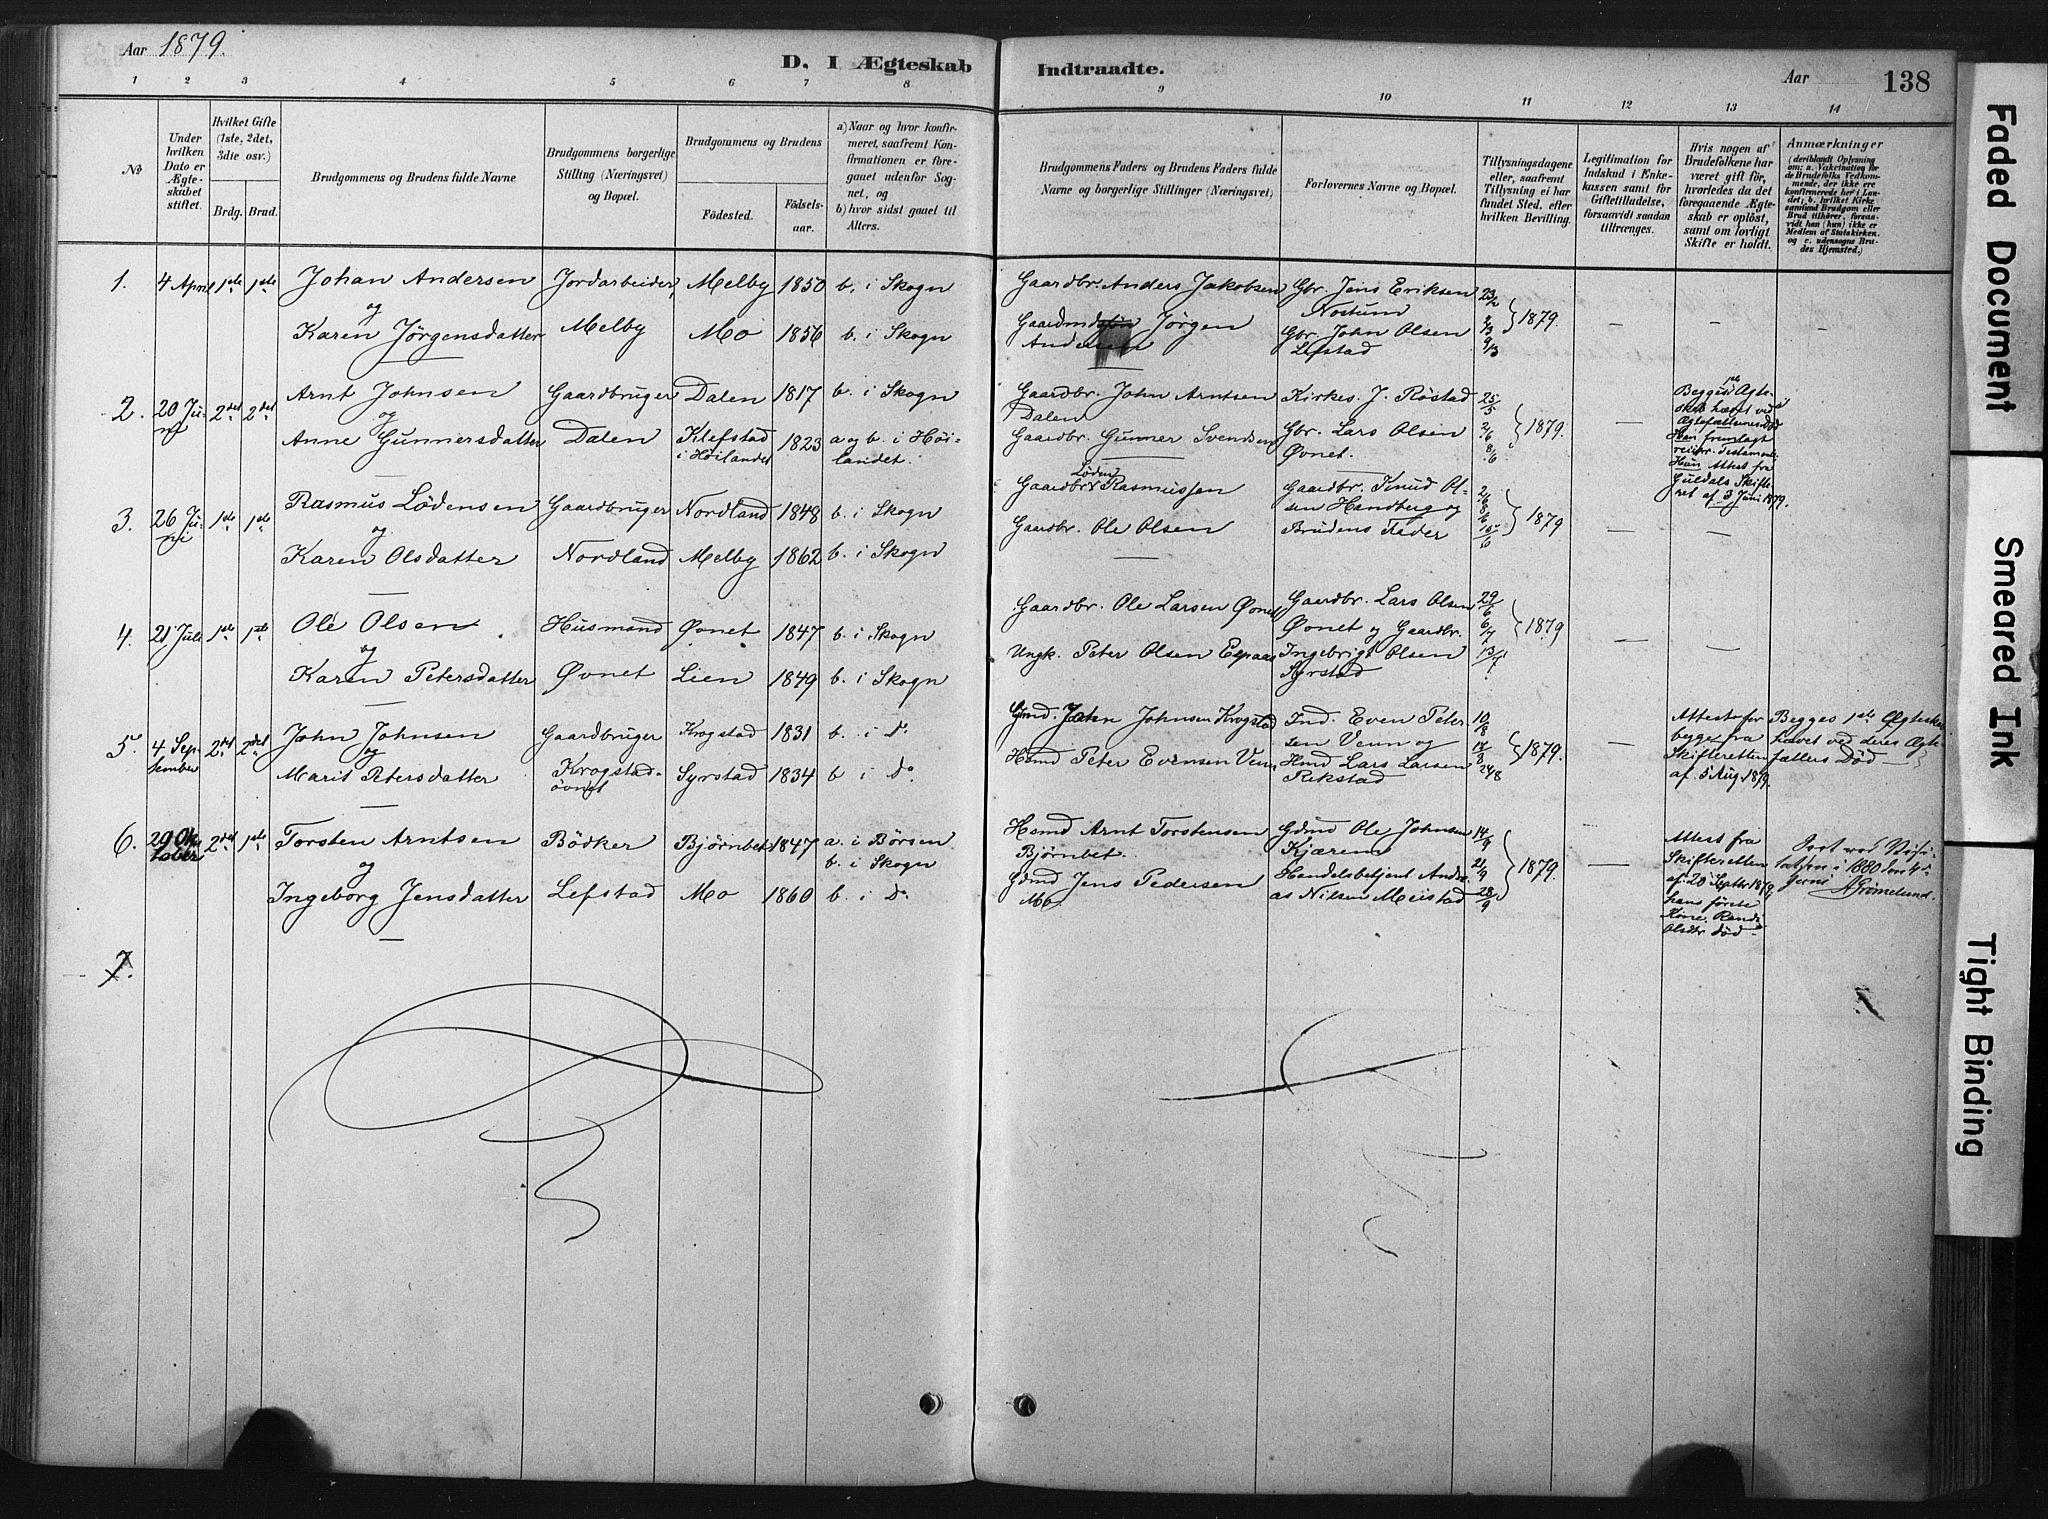 SAT, Ministerialprotokoller, klokkerbøker og fødselsregistre - Sør-Trøndelag, 667/L0795: Ministerialbok nr. 667A03, 1879-1907, s. 138